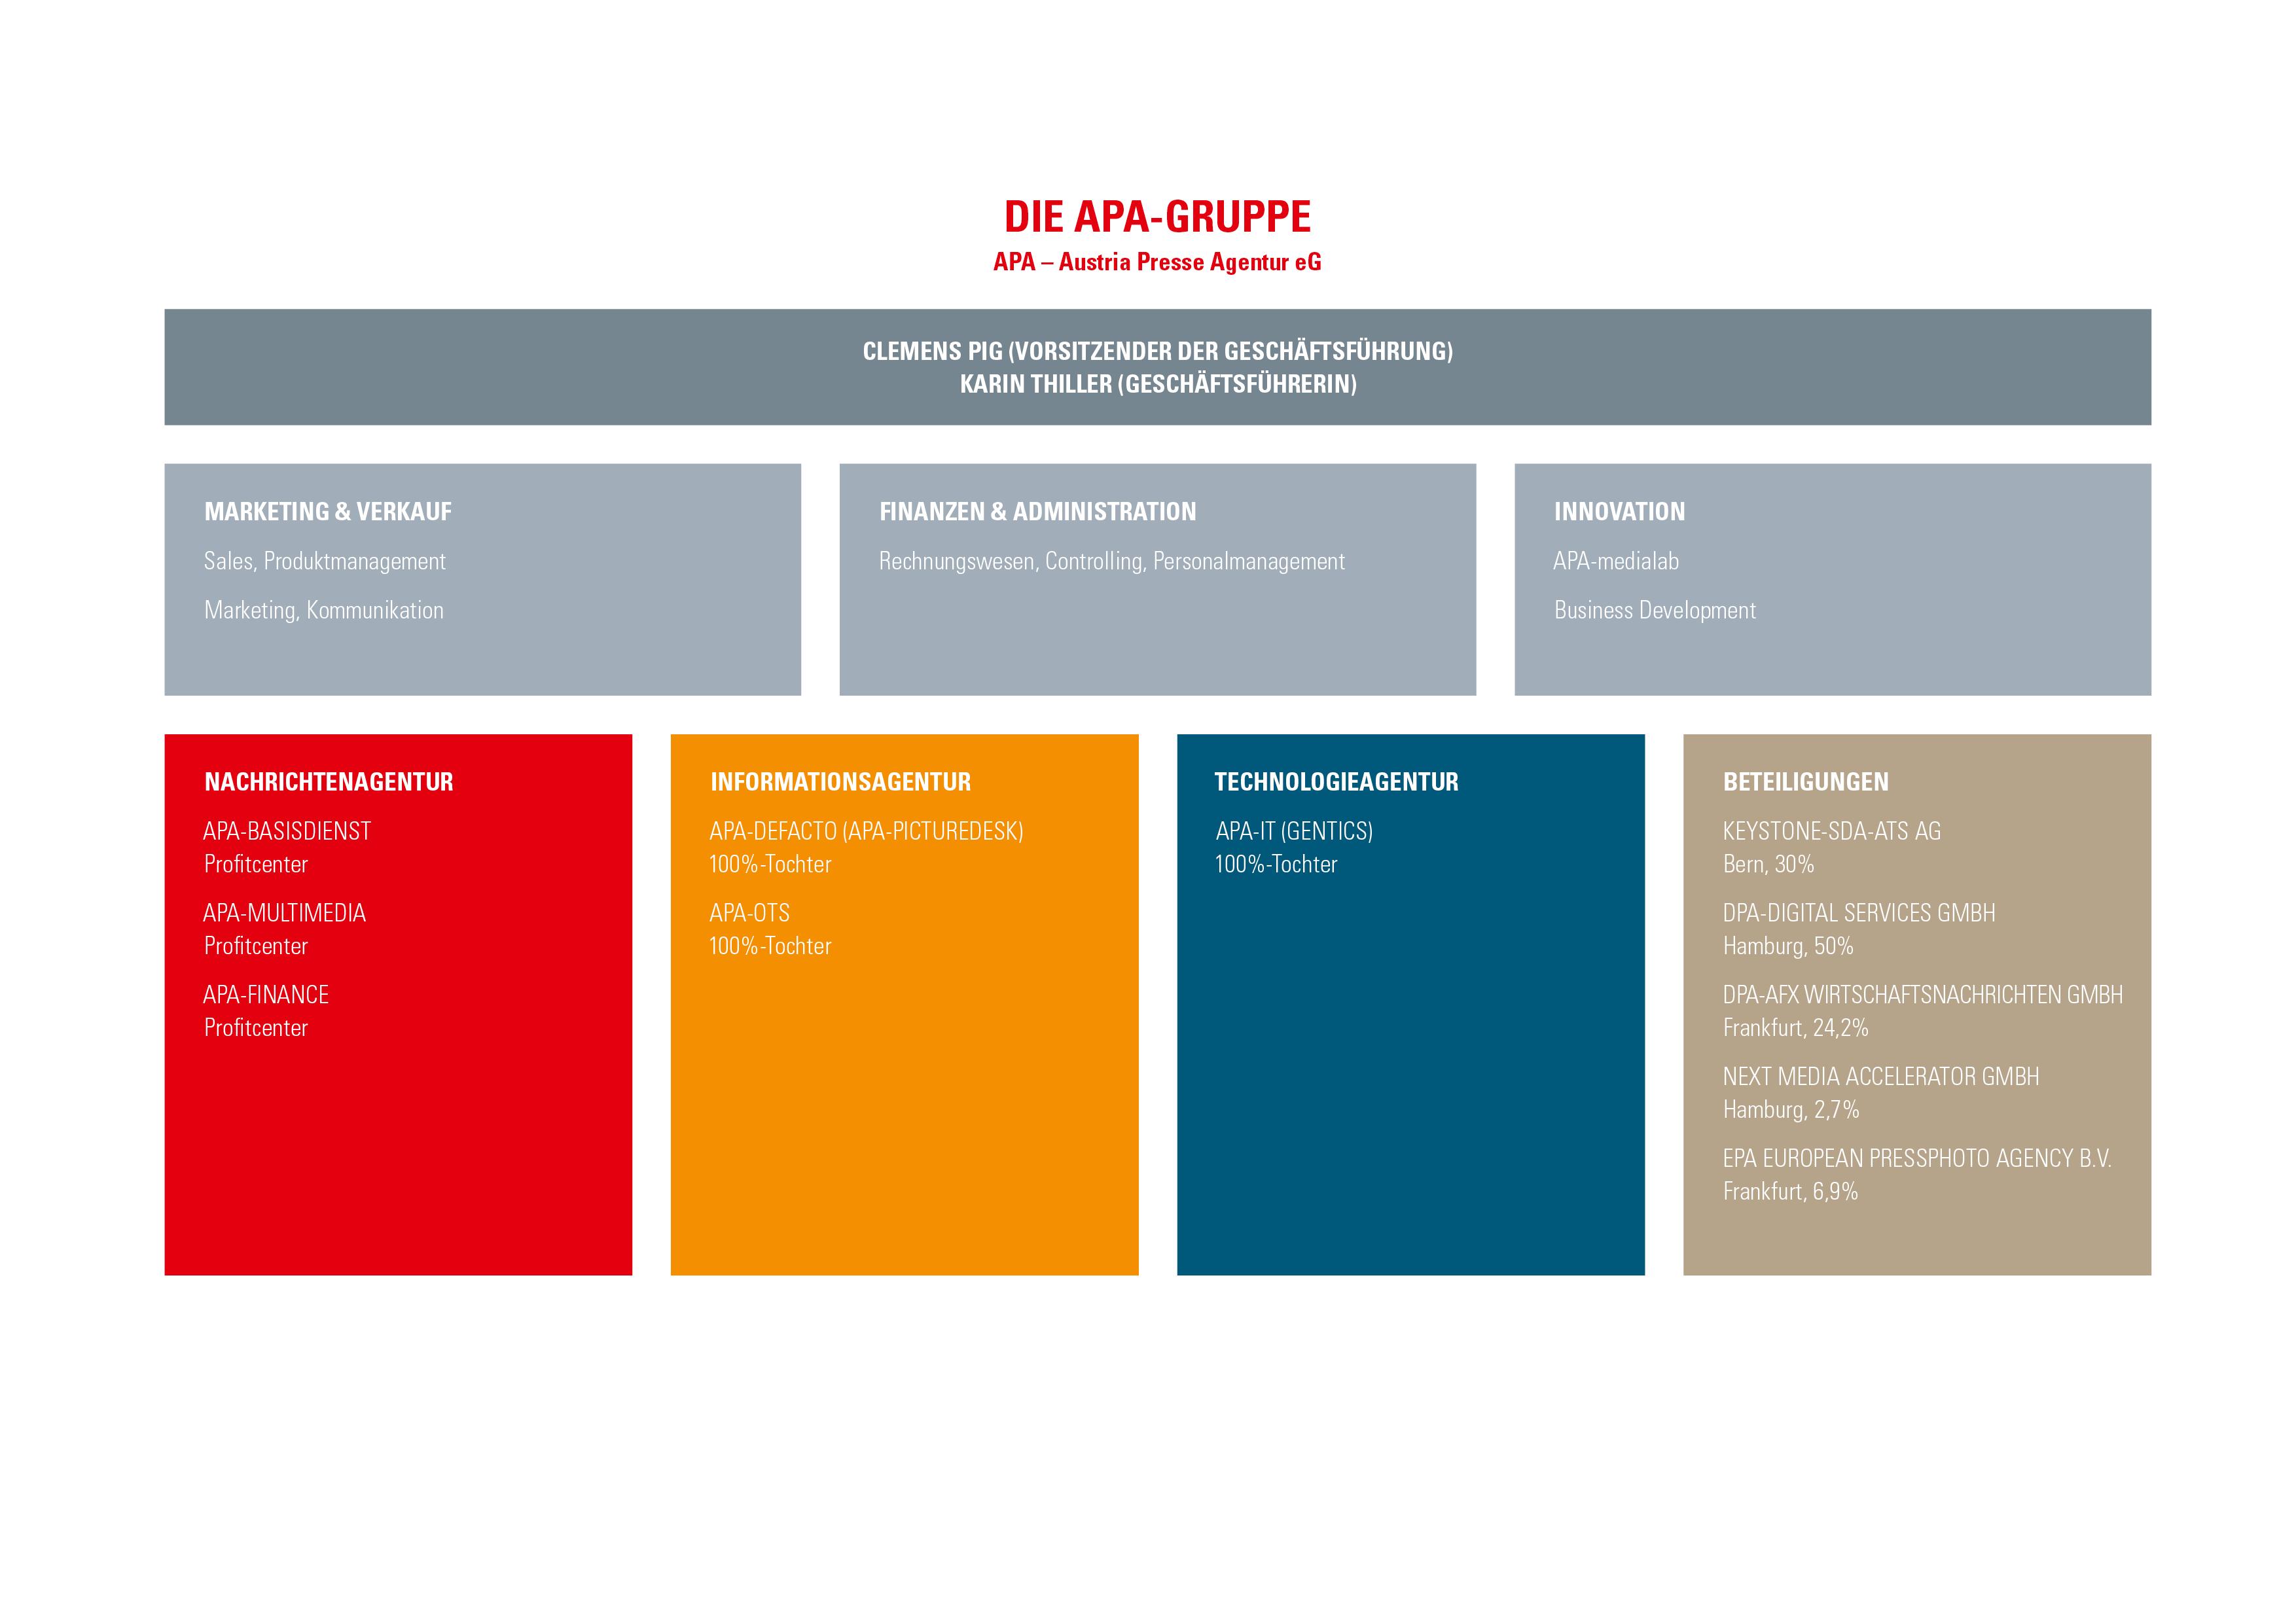 Organigramm APA - Austria Presse Agentur